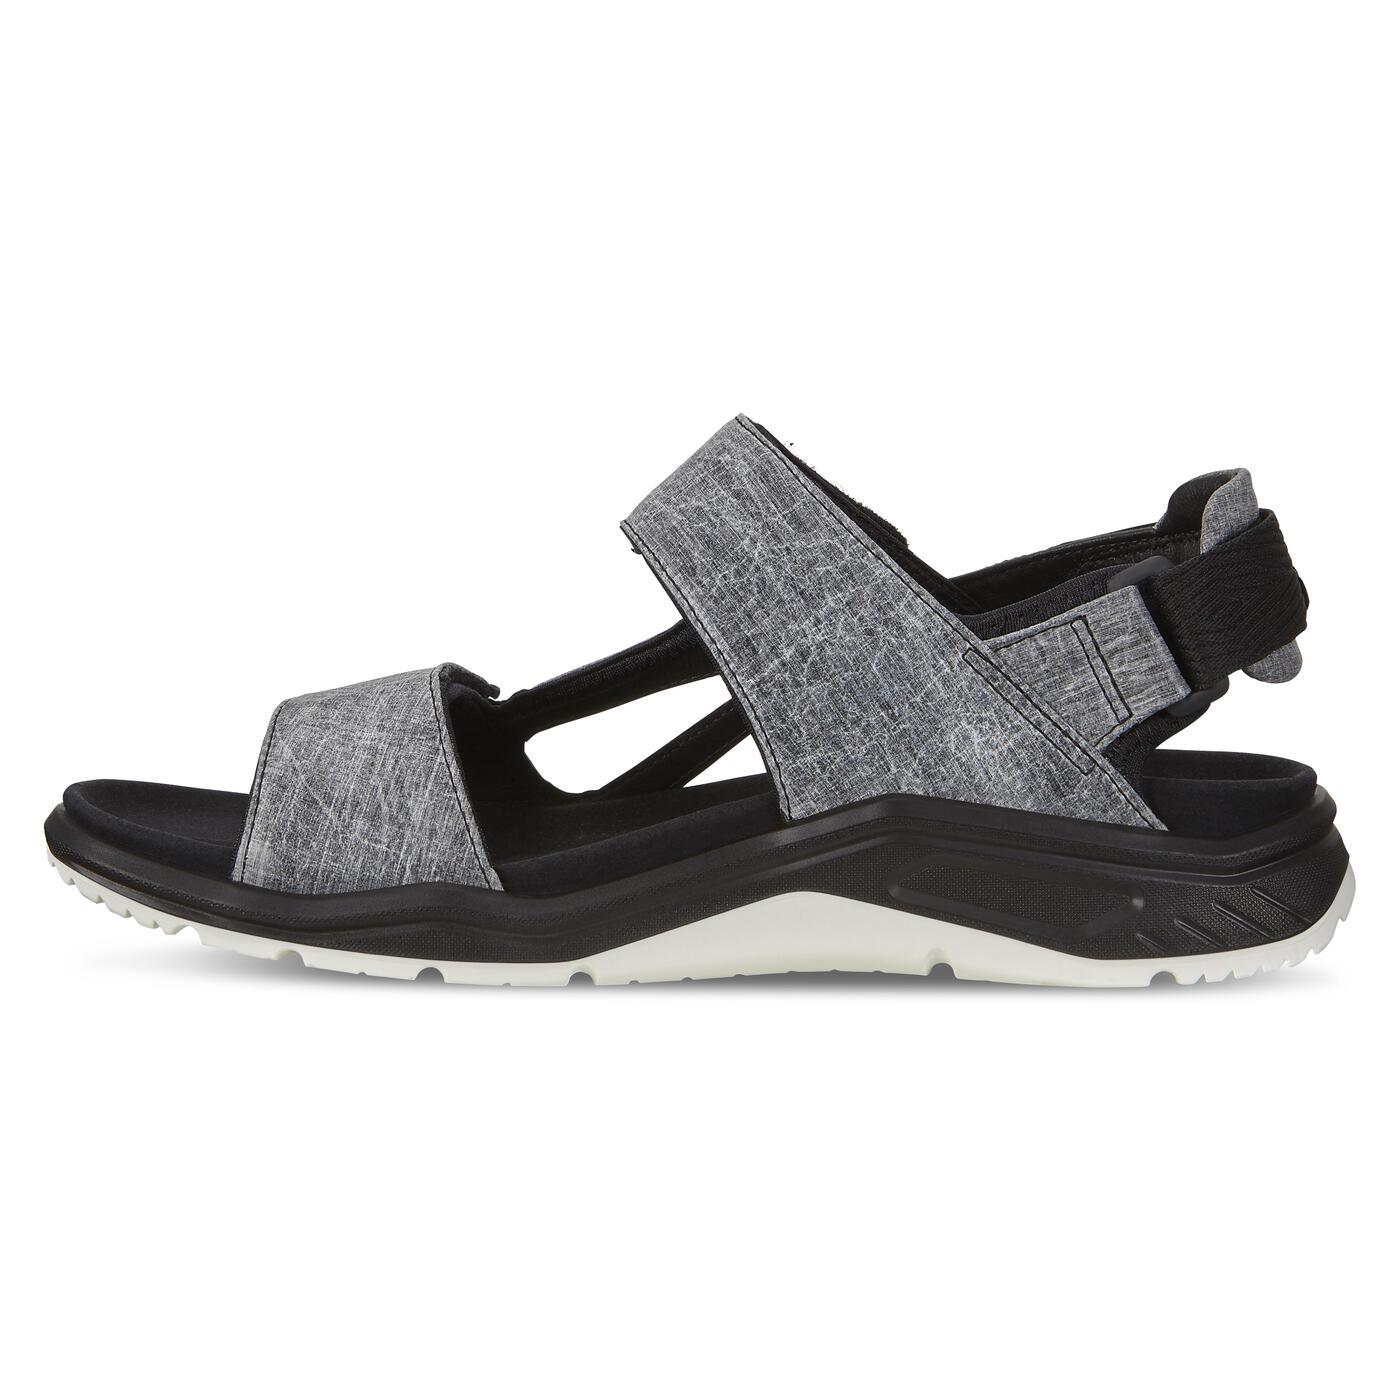 ECCO X-TRINSIC Mens Flat Sandal DYNEEMA Leather